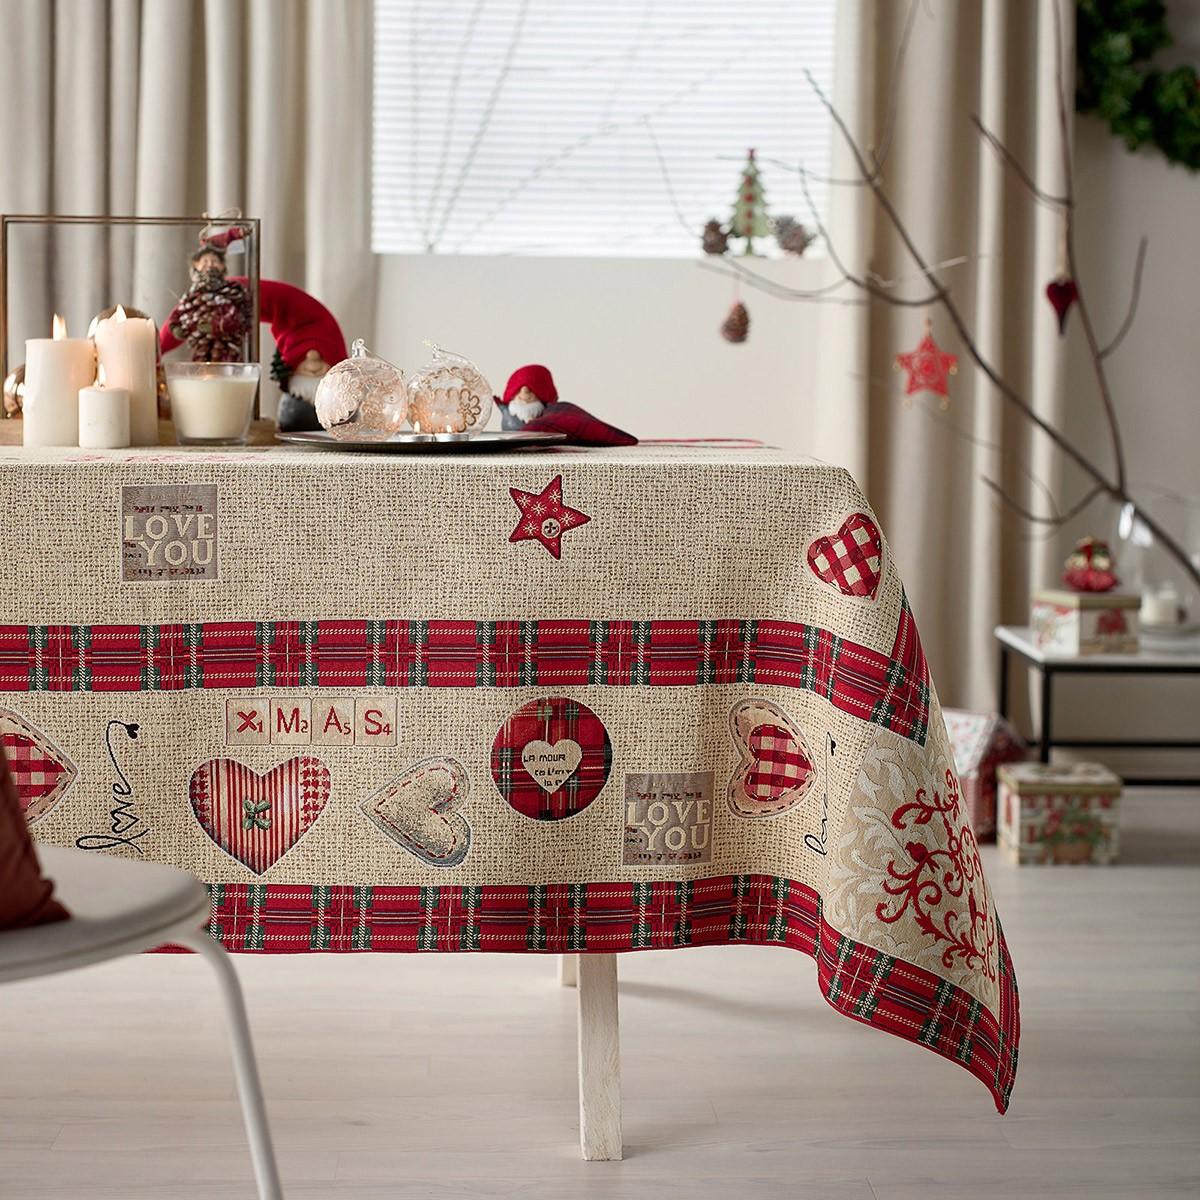 Χριστουγεννιάτικο Τραπεζομάντηλο (135x135) Gofis Home 596